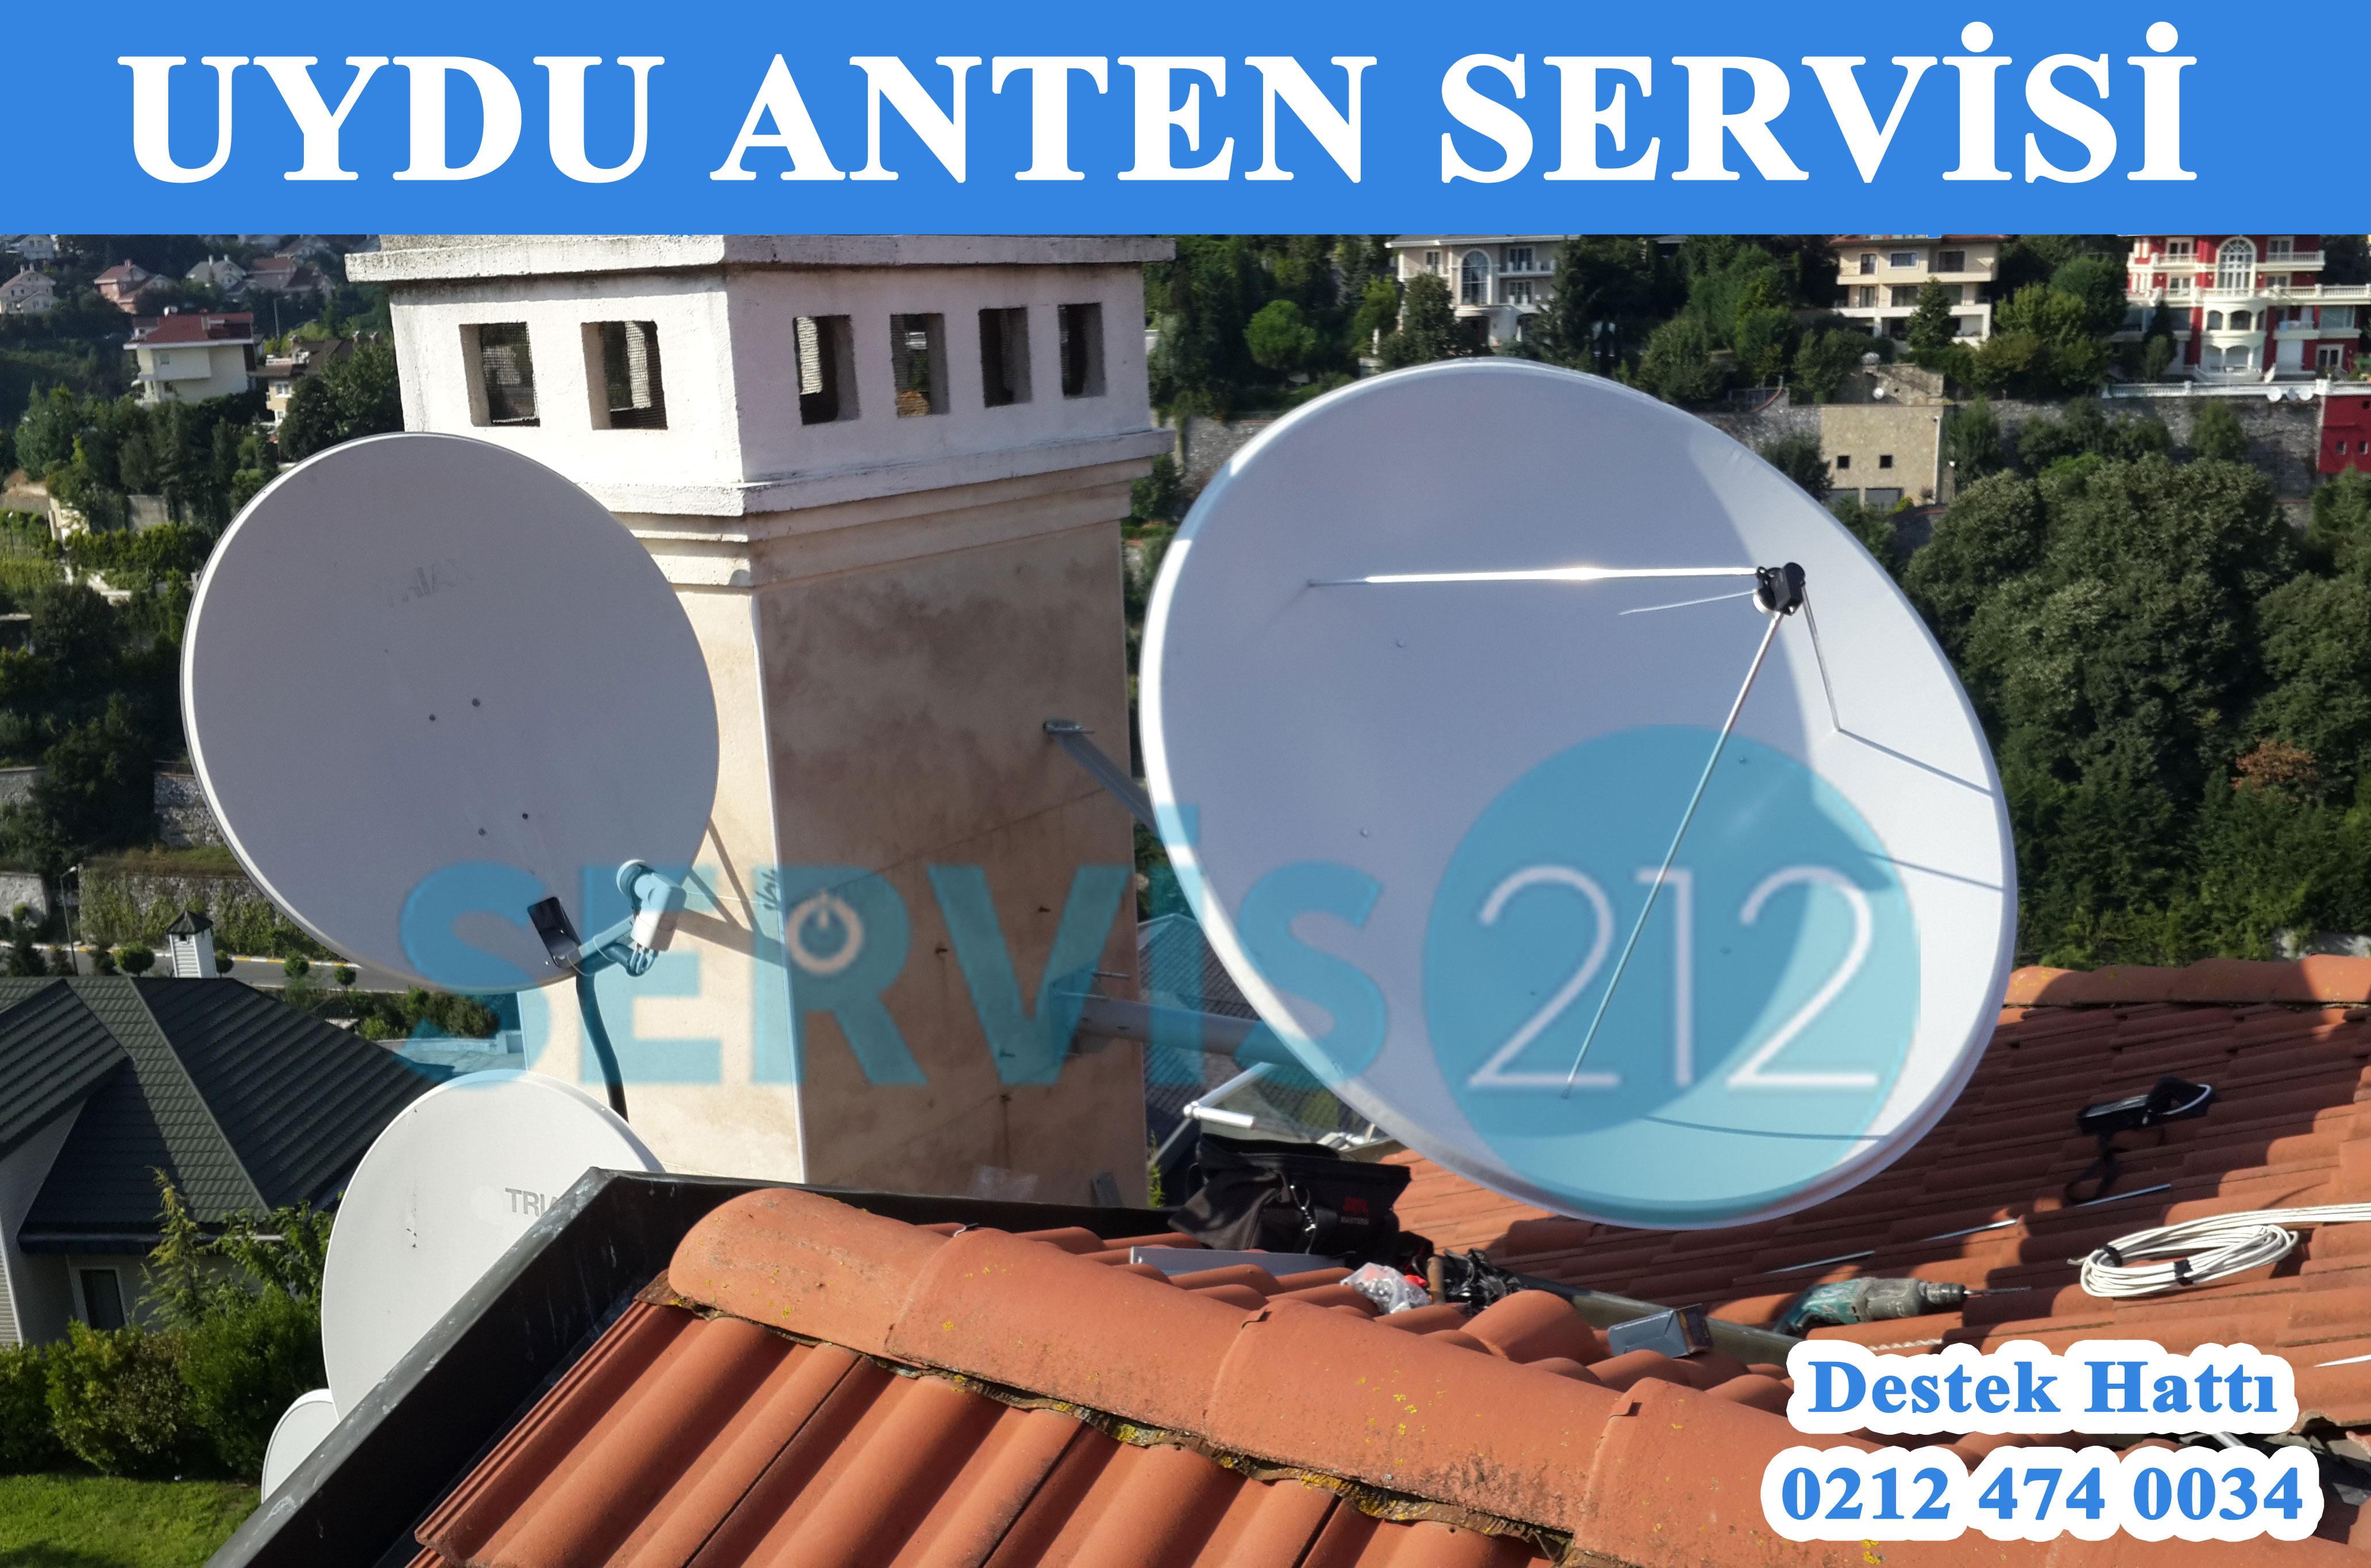 uydu-servisi-destek-hatti